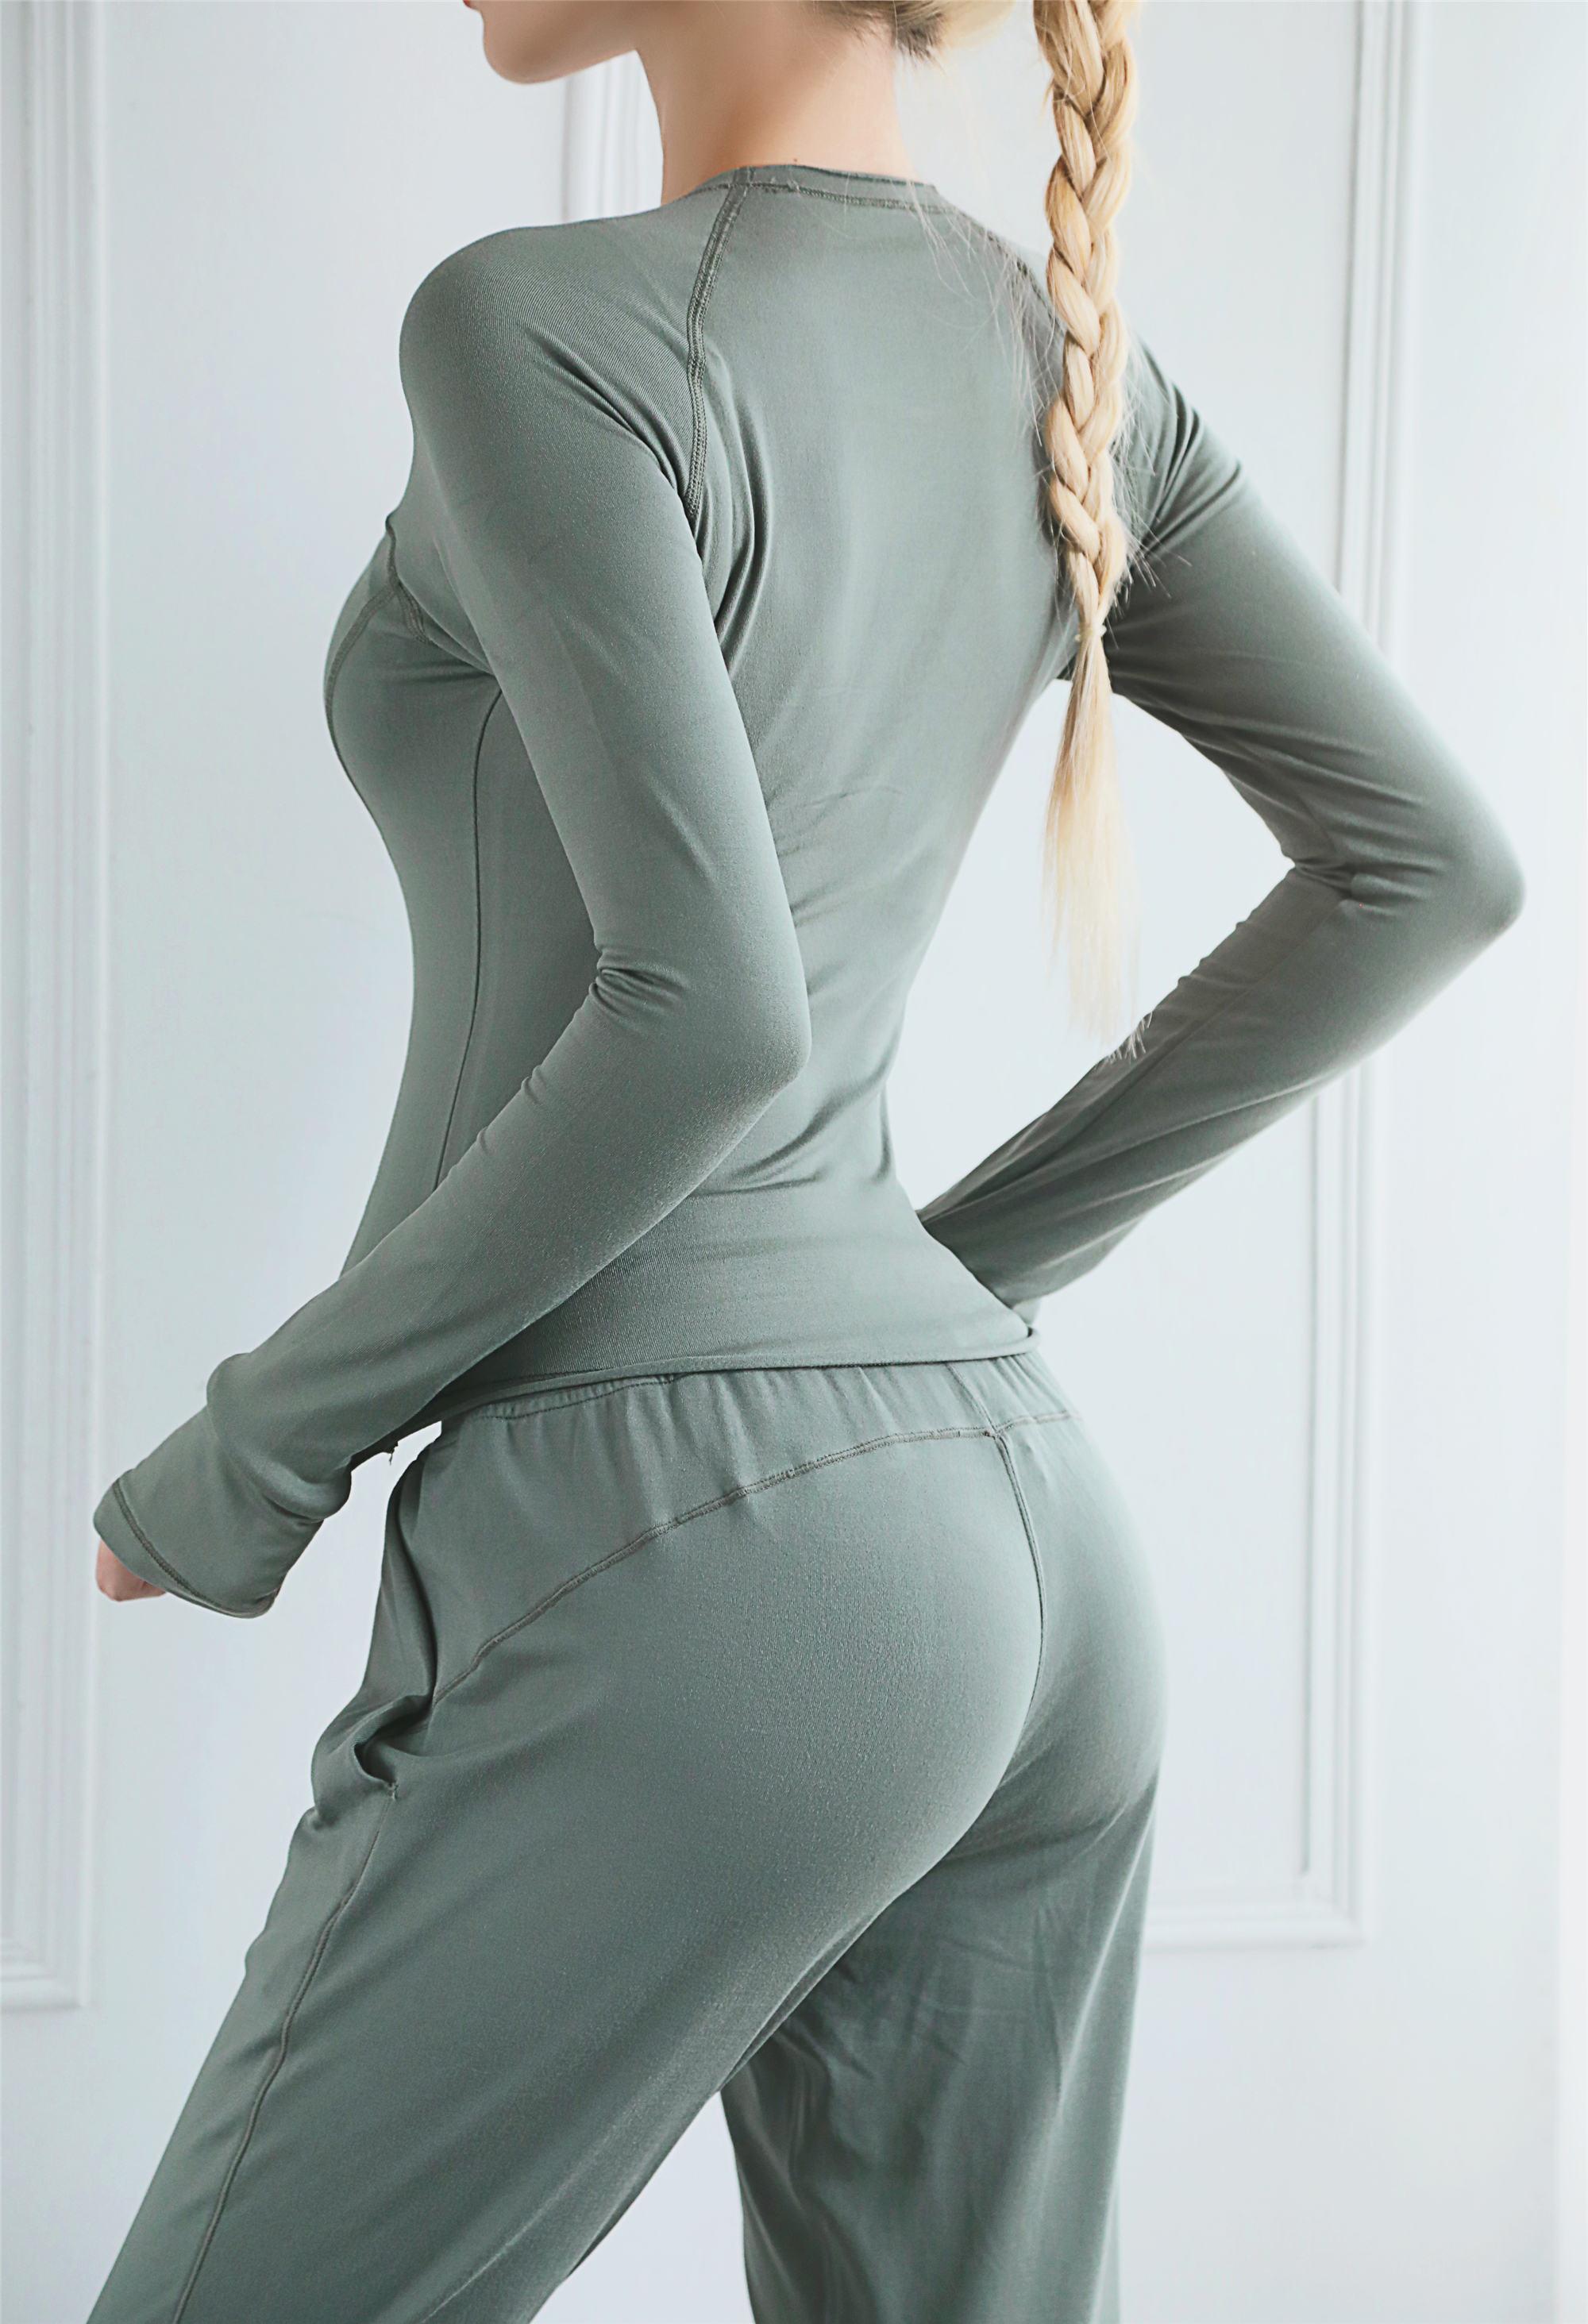 Wholesale-Slimming-Sports-Top-Fitness-Wear-Women